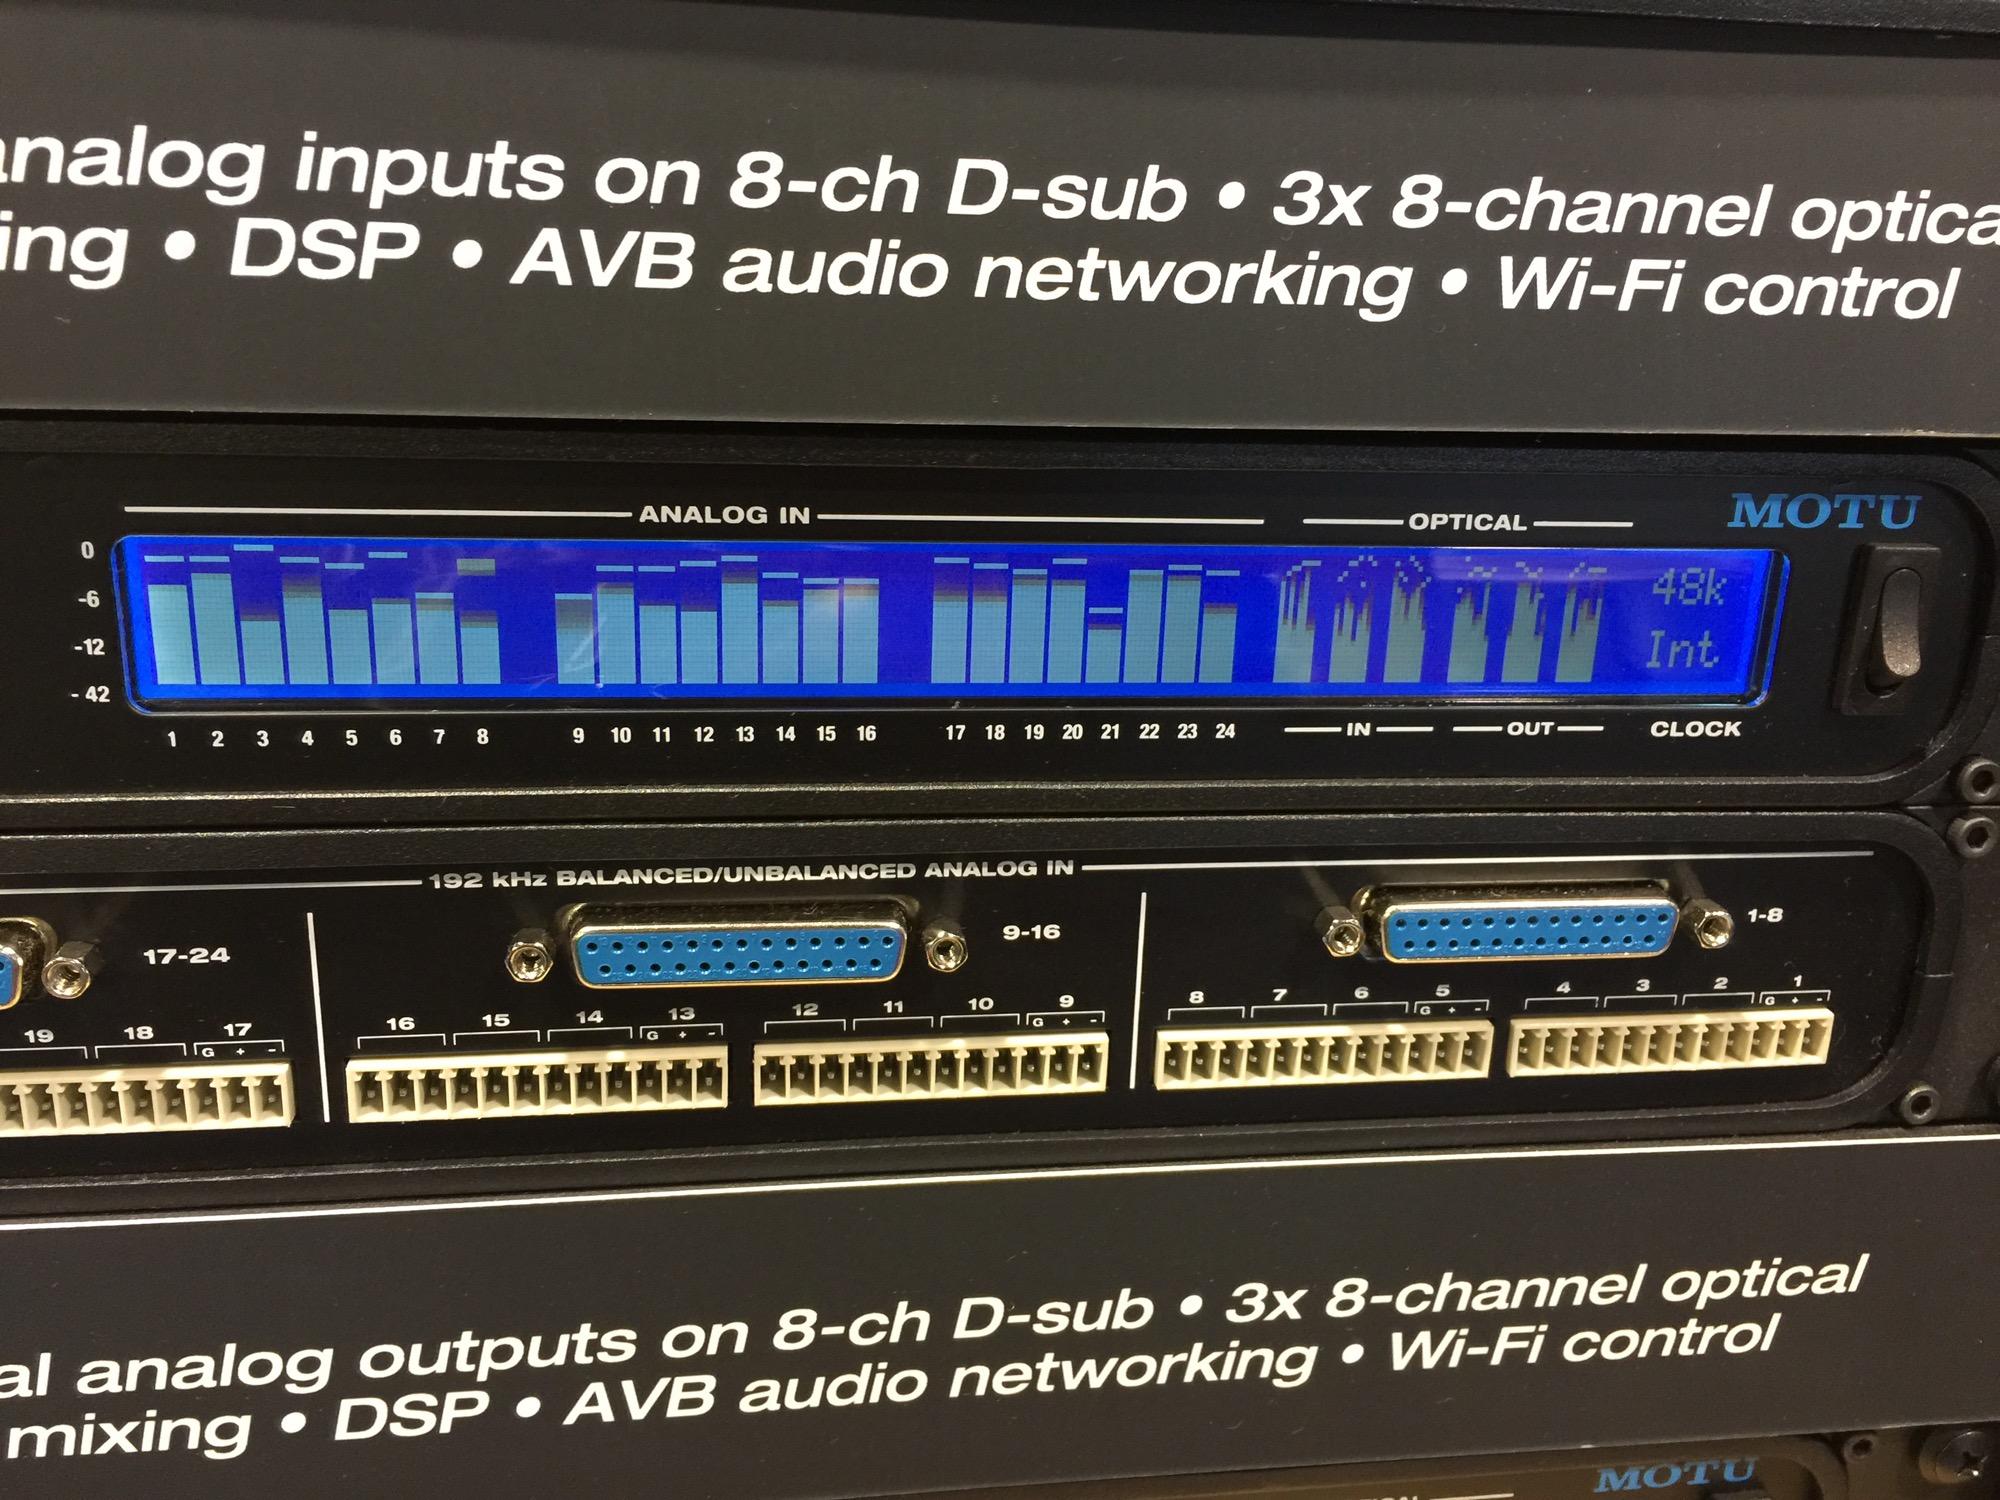 0音频接口,都具备24通道输入/输出的adat光纤